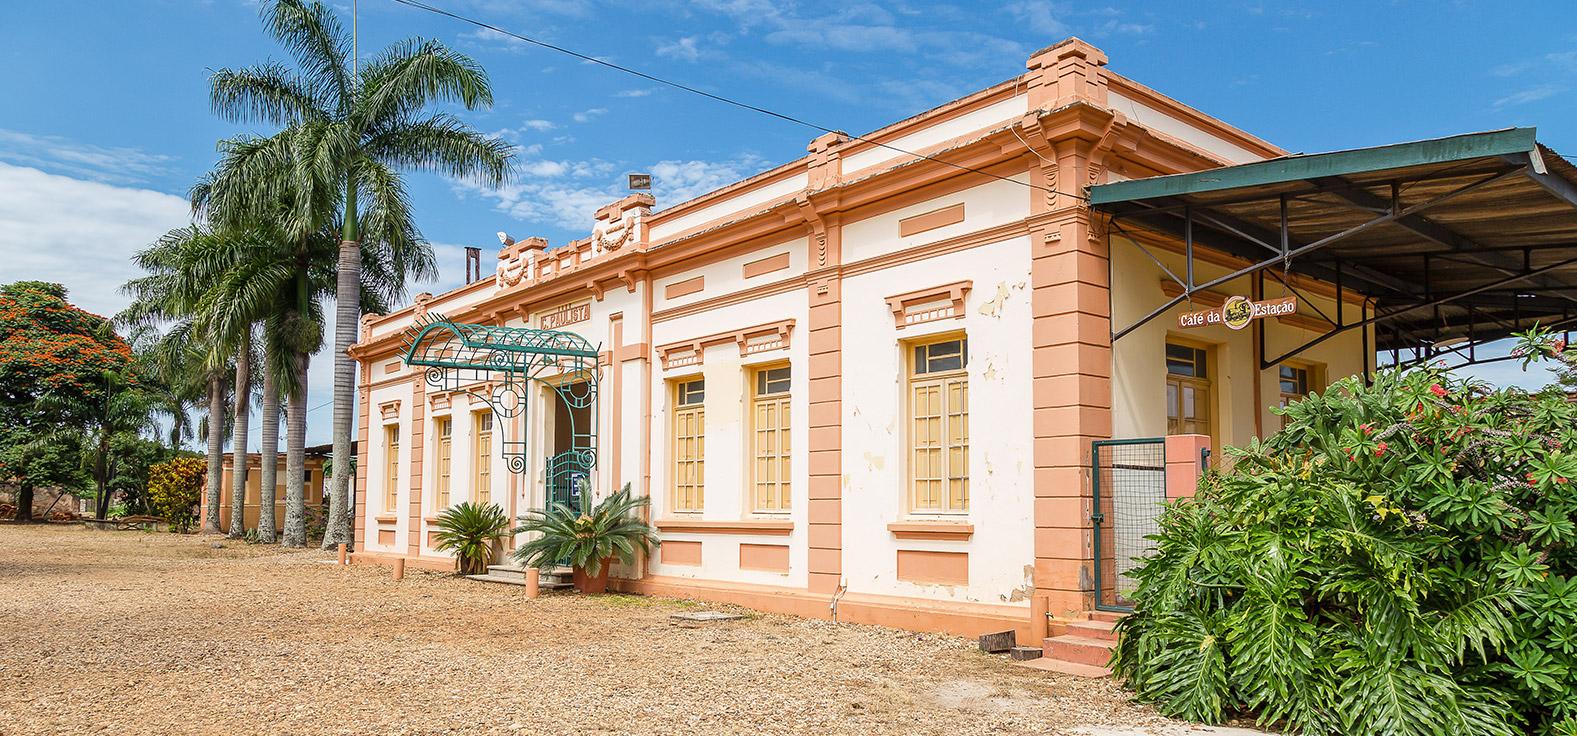 Estação em Torrinha | Portal Serra do Itaquerí